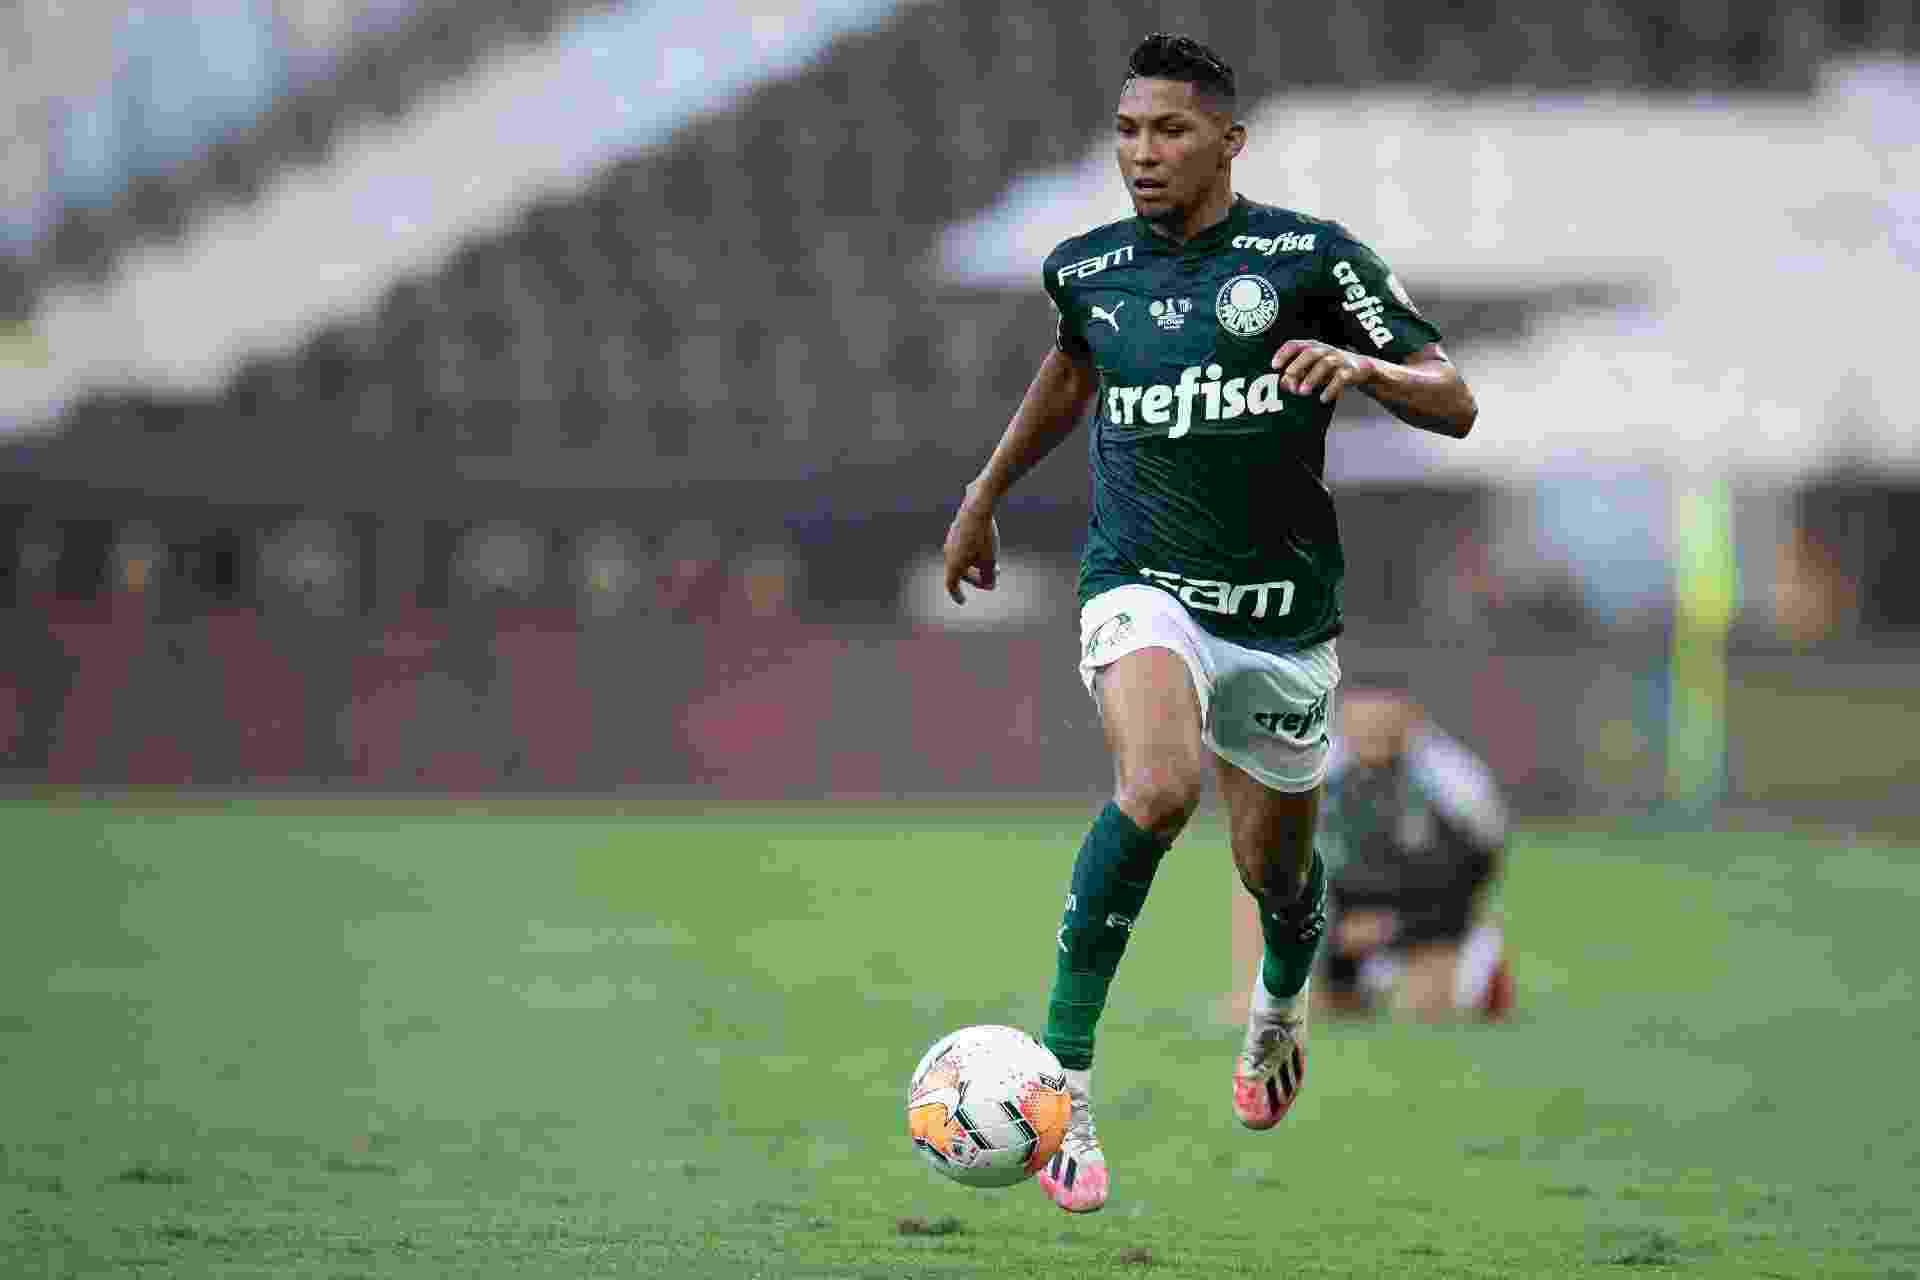 Rony, jogador do Palmeiras, atuando na final da Libertadores 2020, no Maracanã - Jorge Rodrigues/AGIF